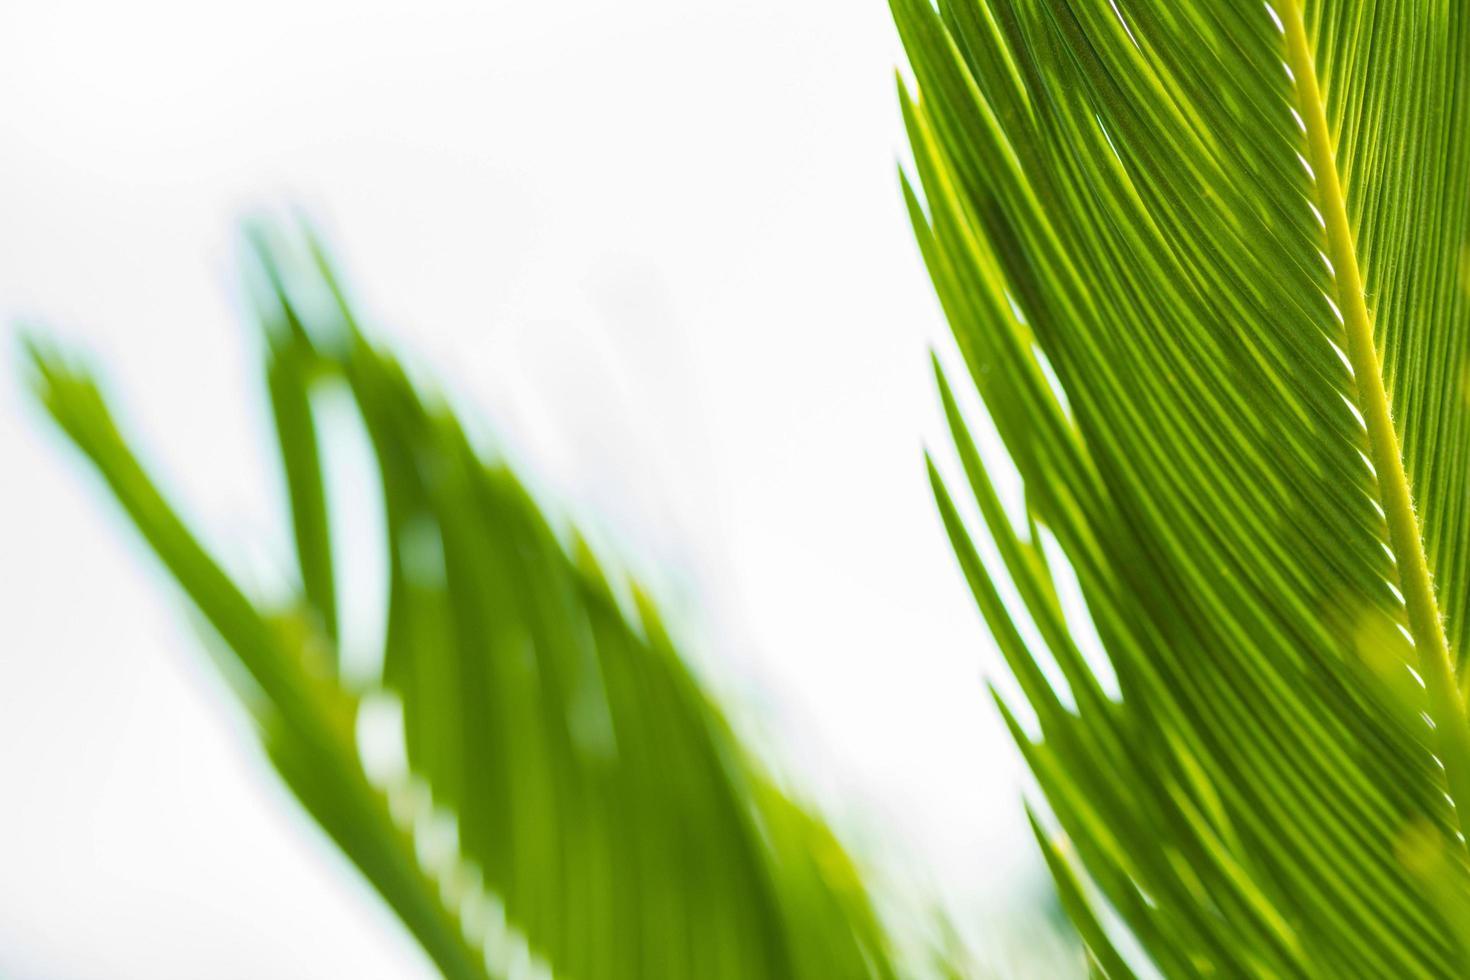 palmbladeren waar licht doorheen komt foto